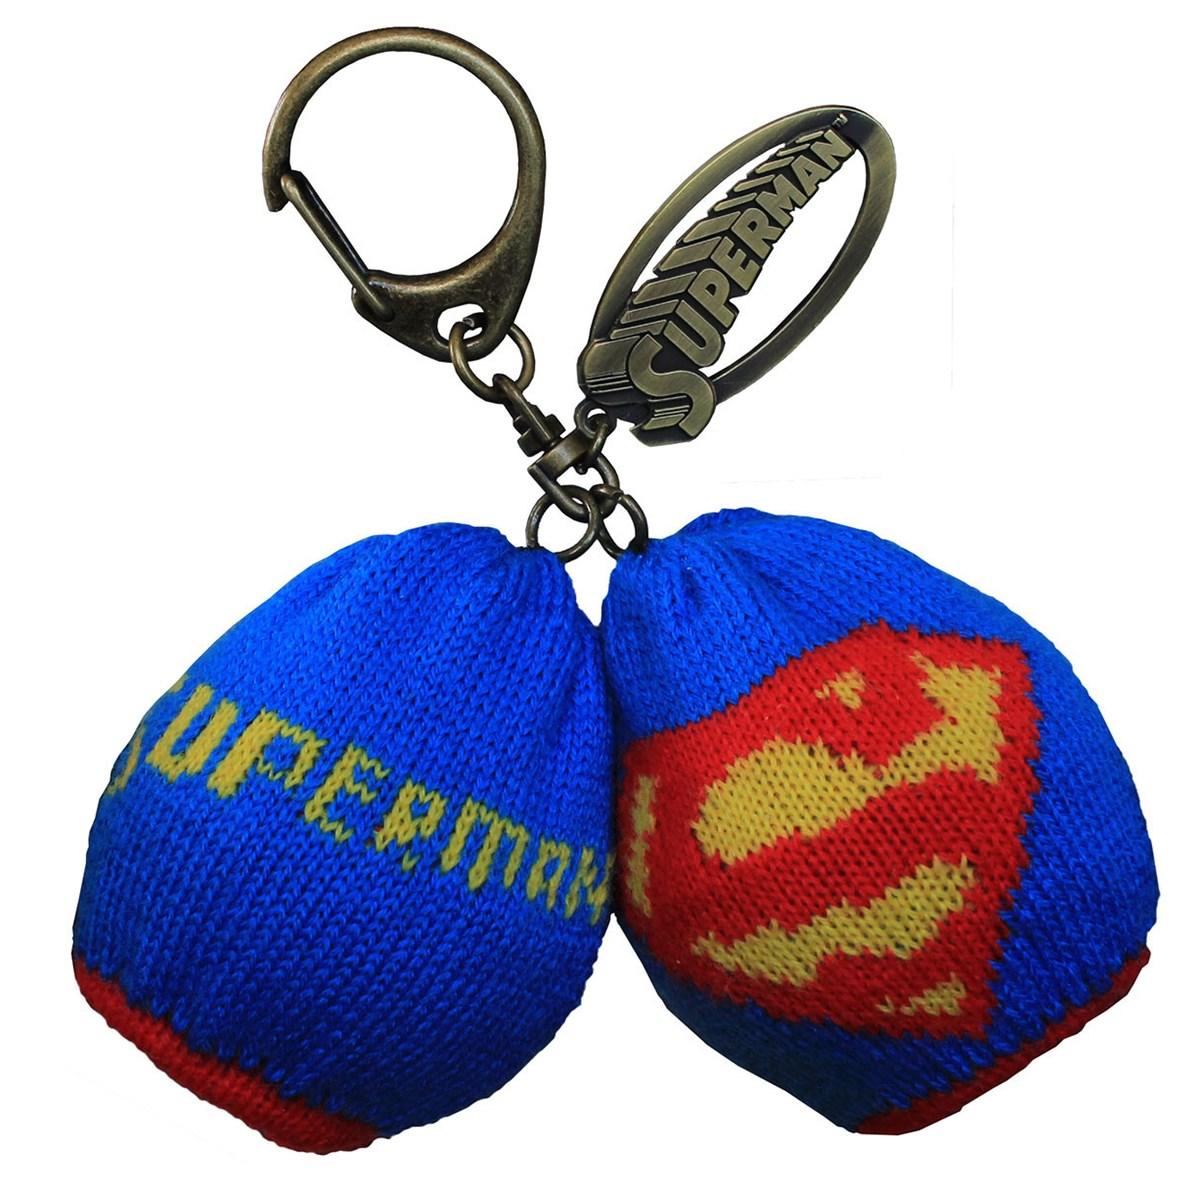 その他メーカー スーパーマン ゴルフボールケース